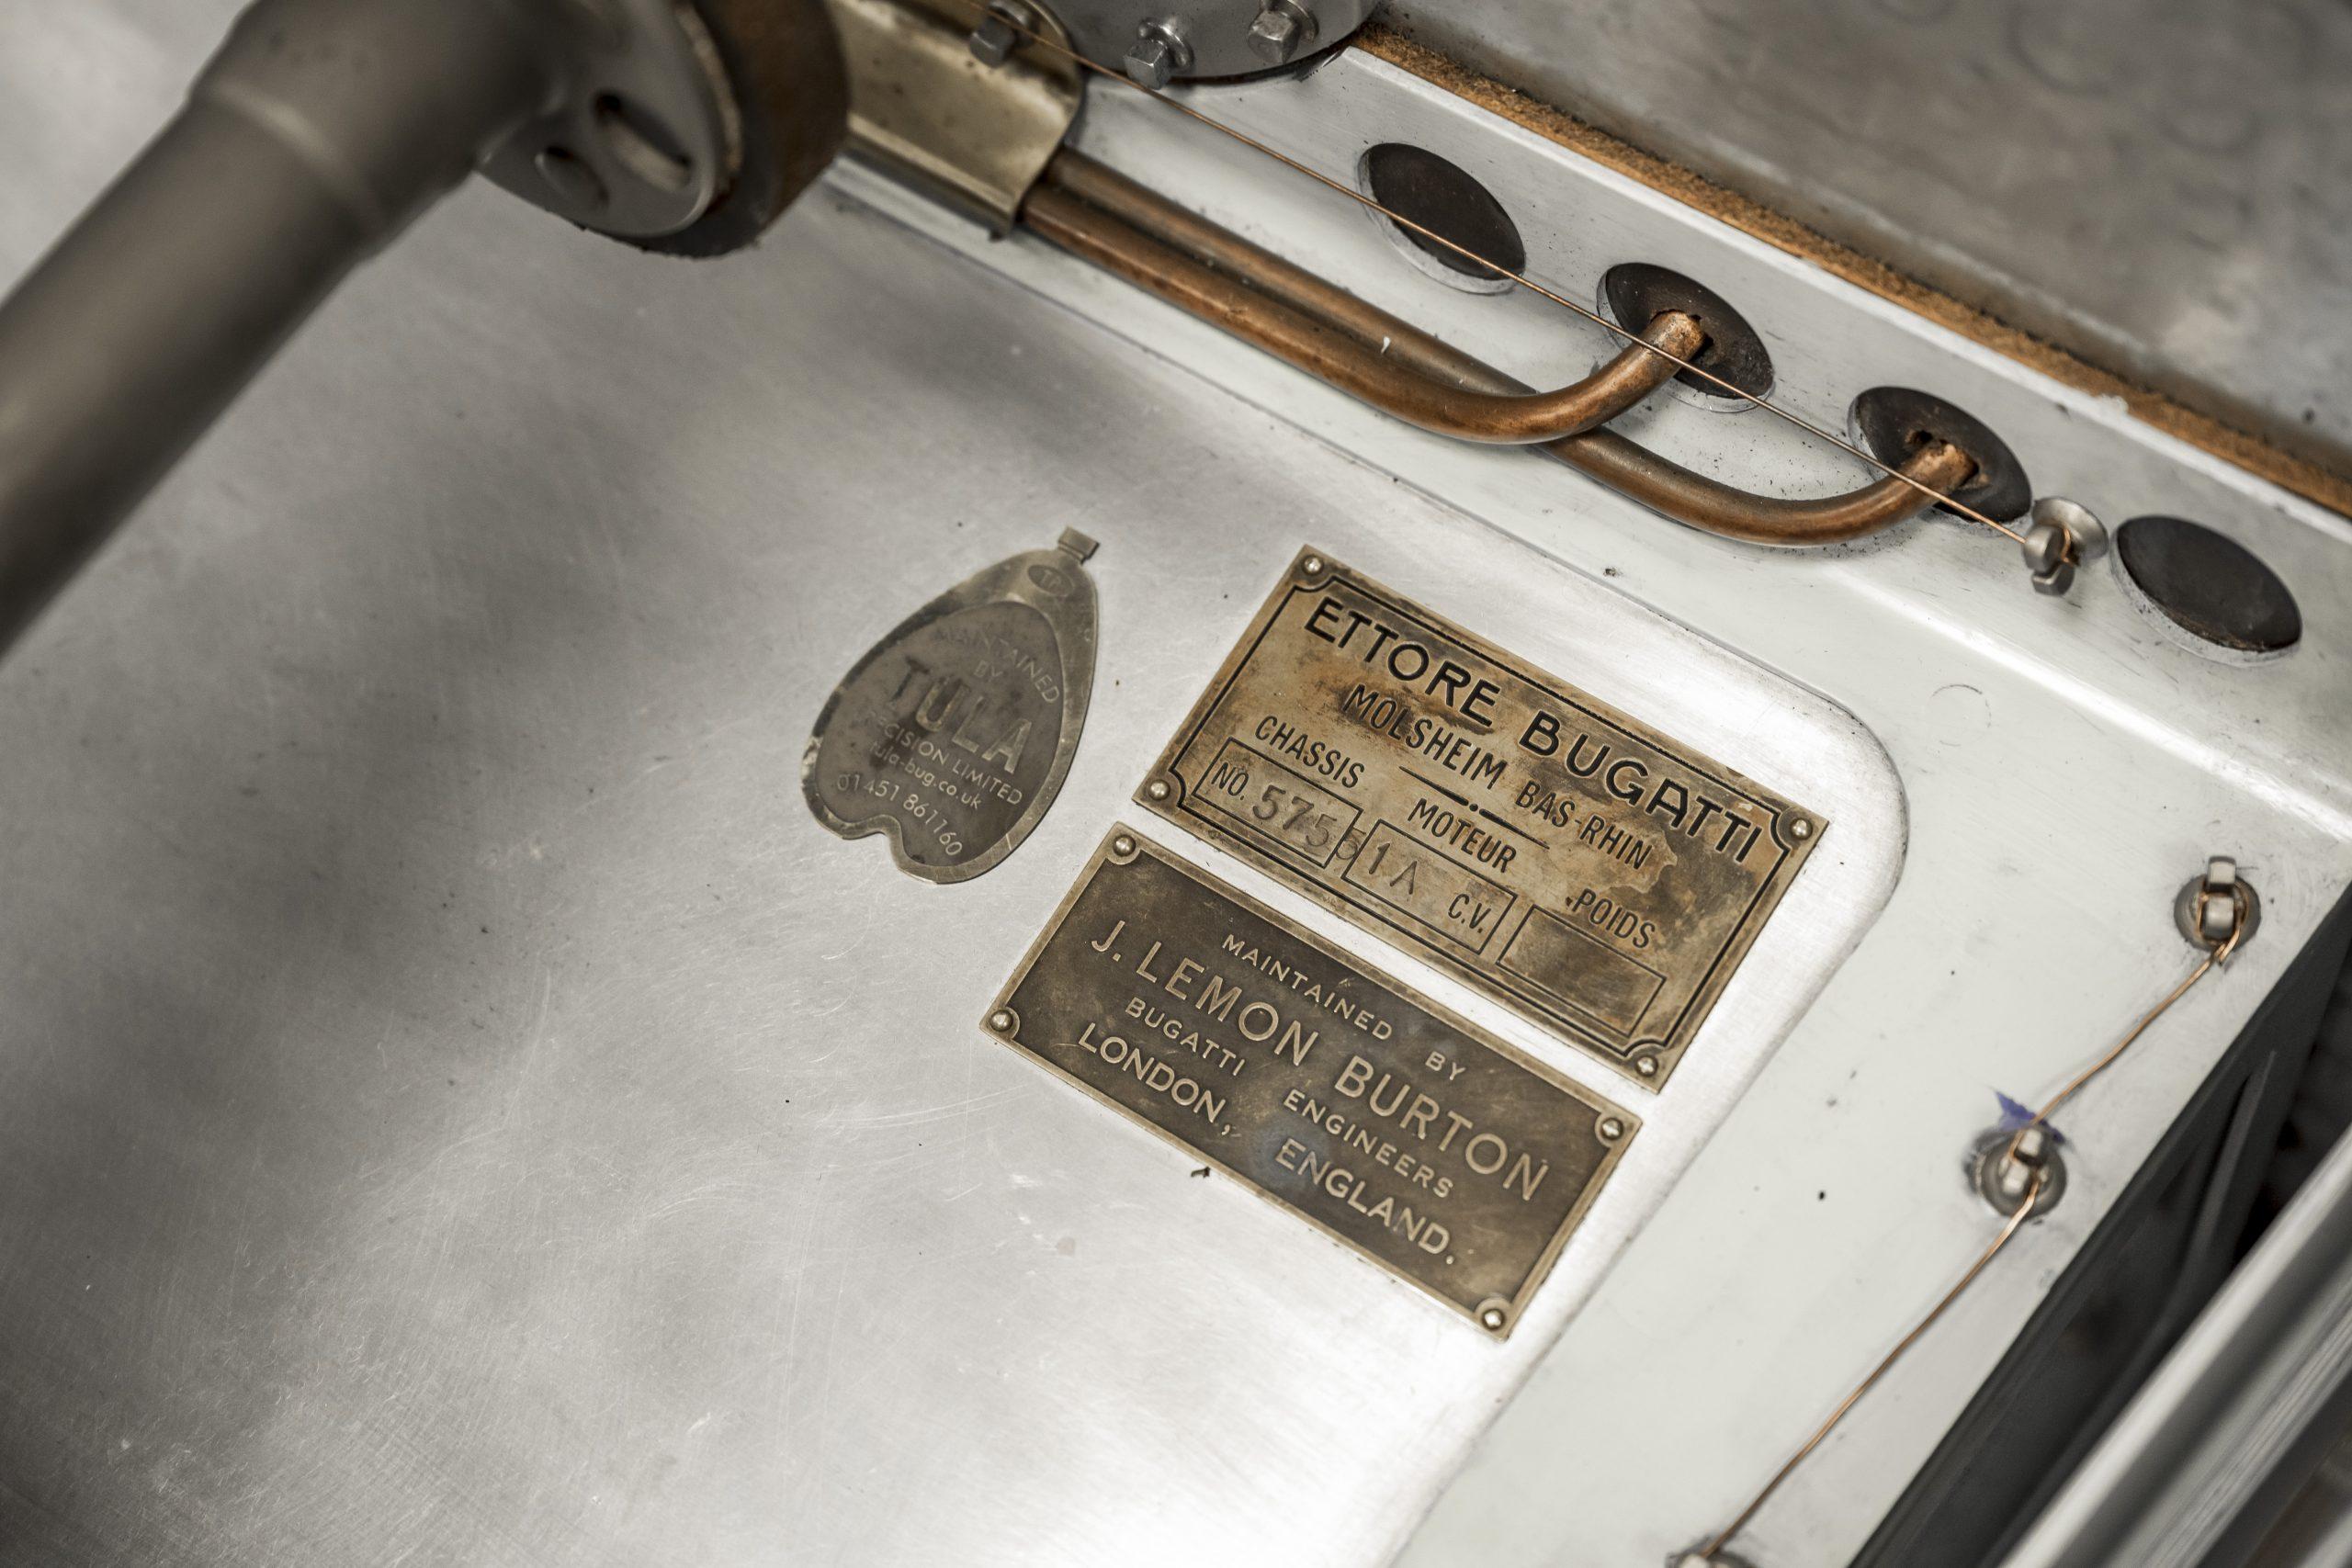 Tula Precision bugatti info placard detail